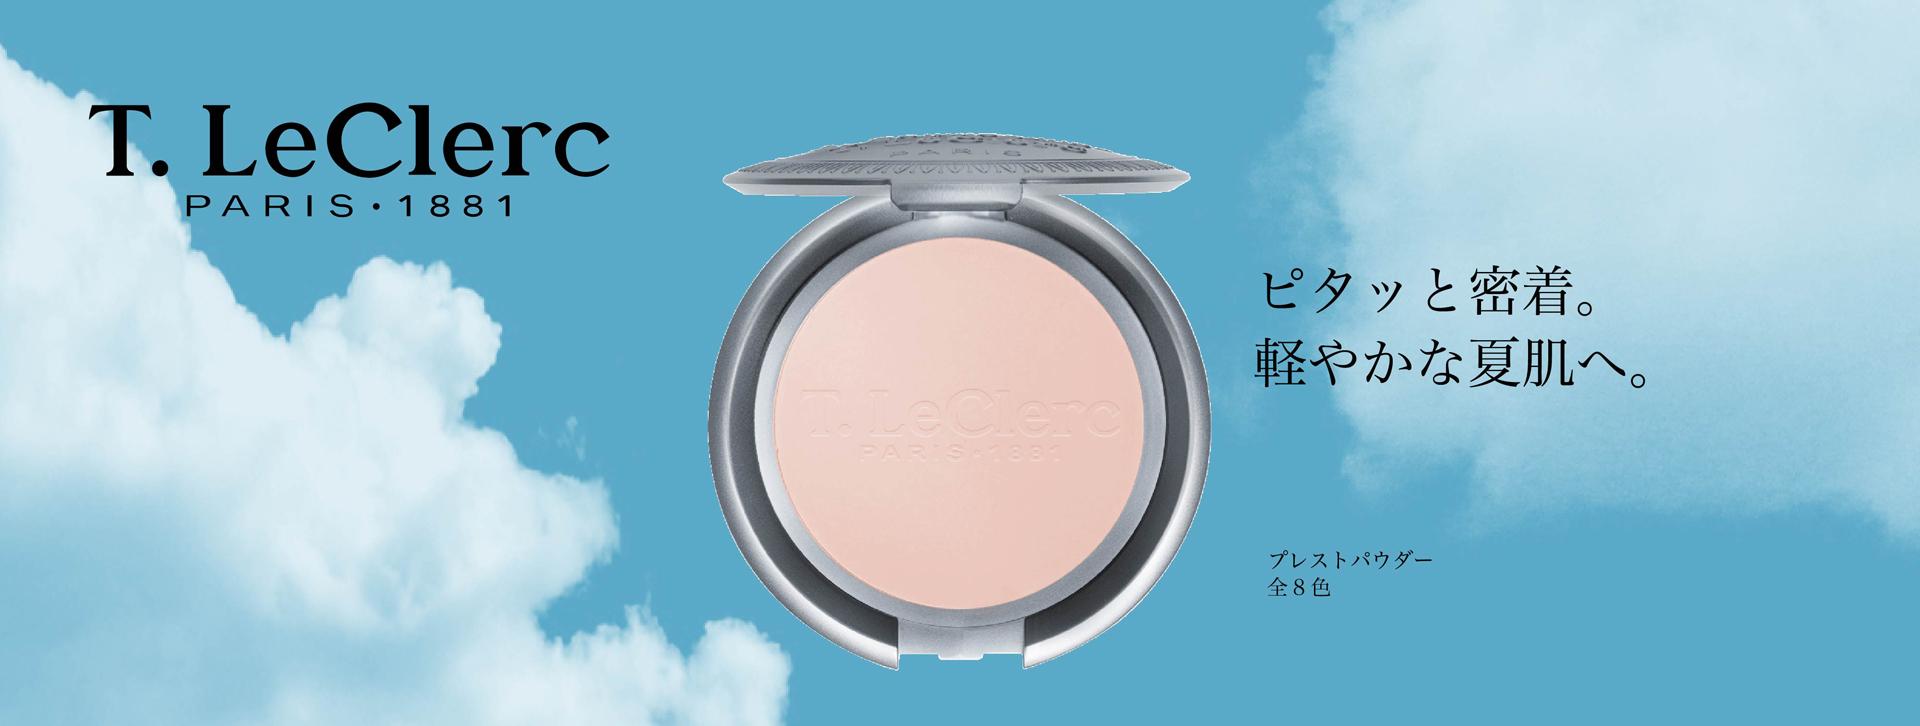 春のキャンペーン*花の香りセット発売開始!